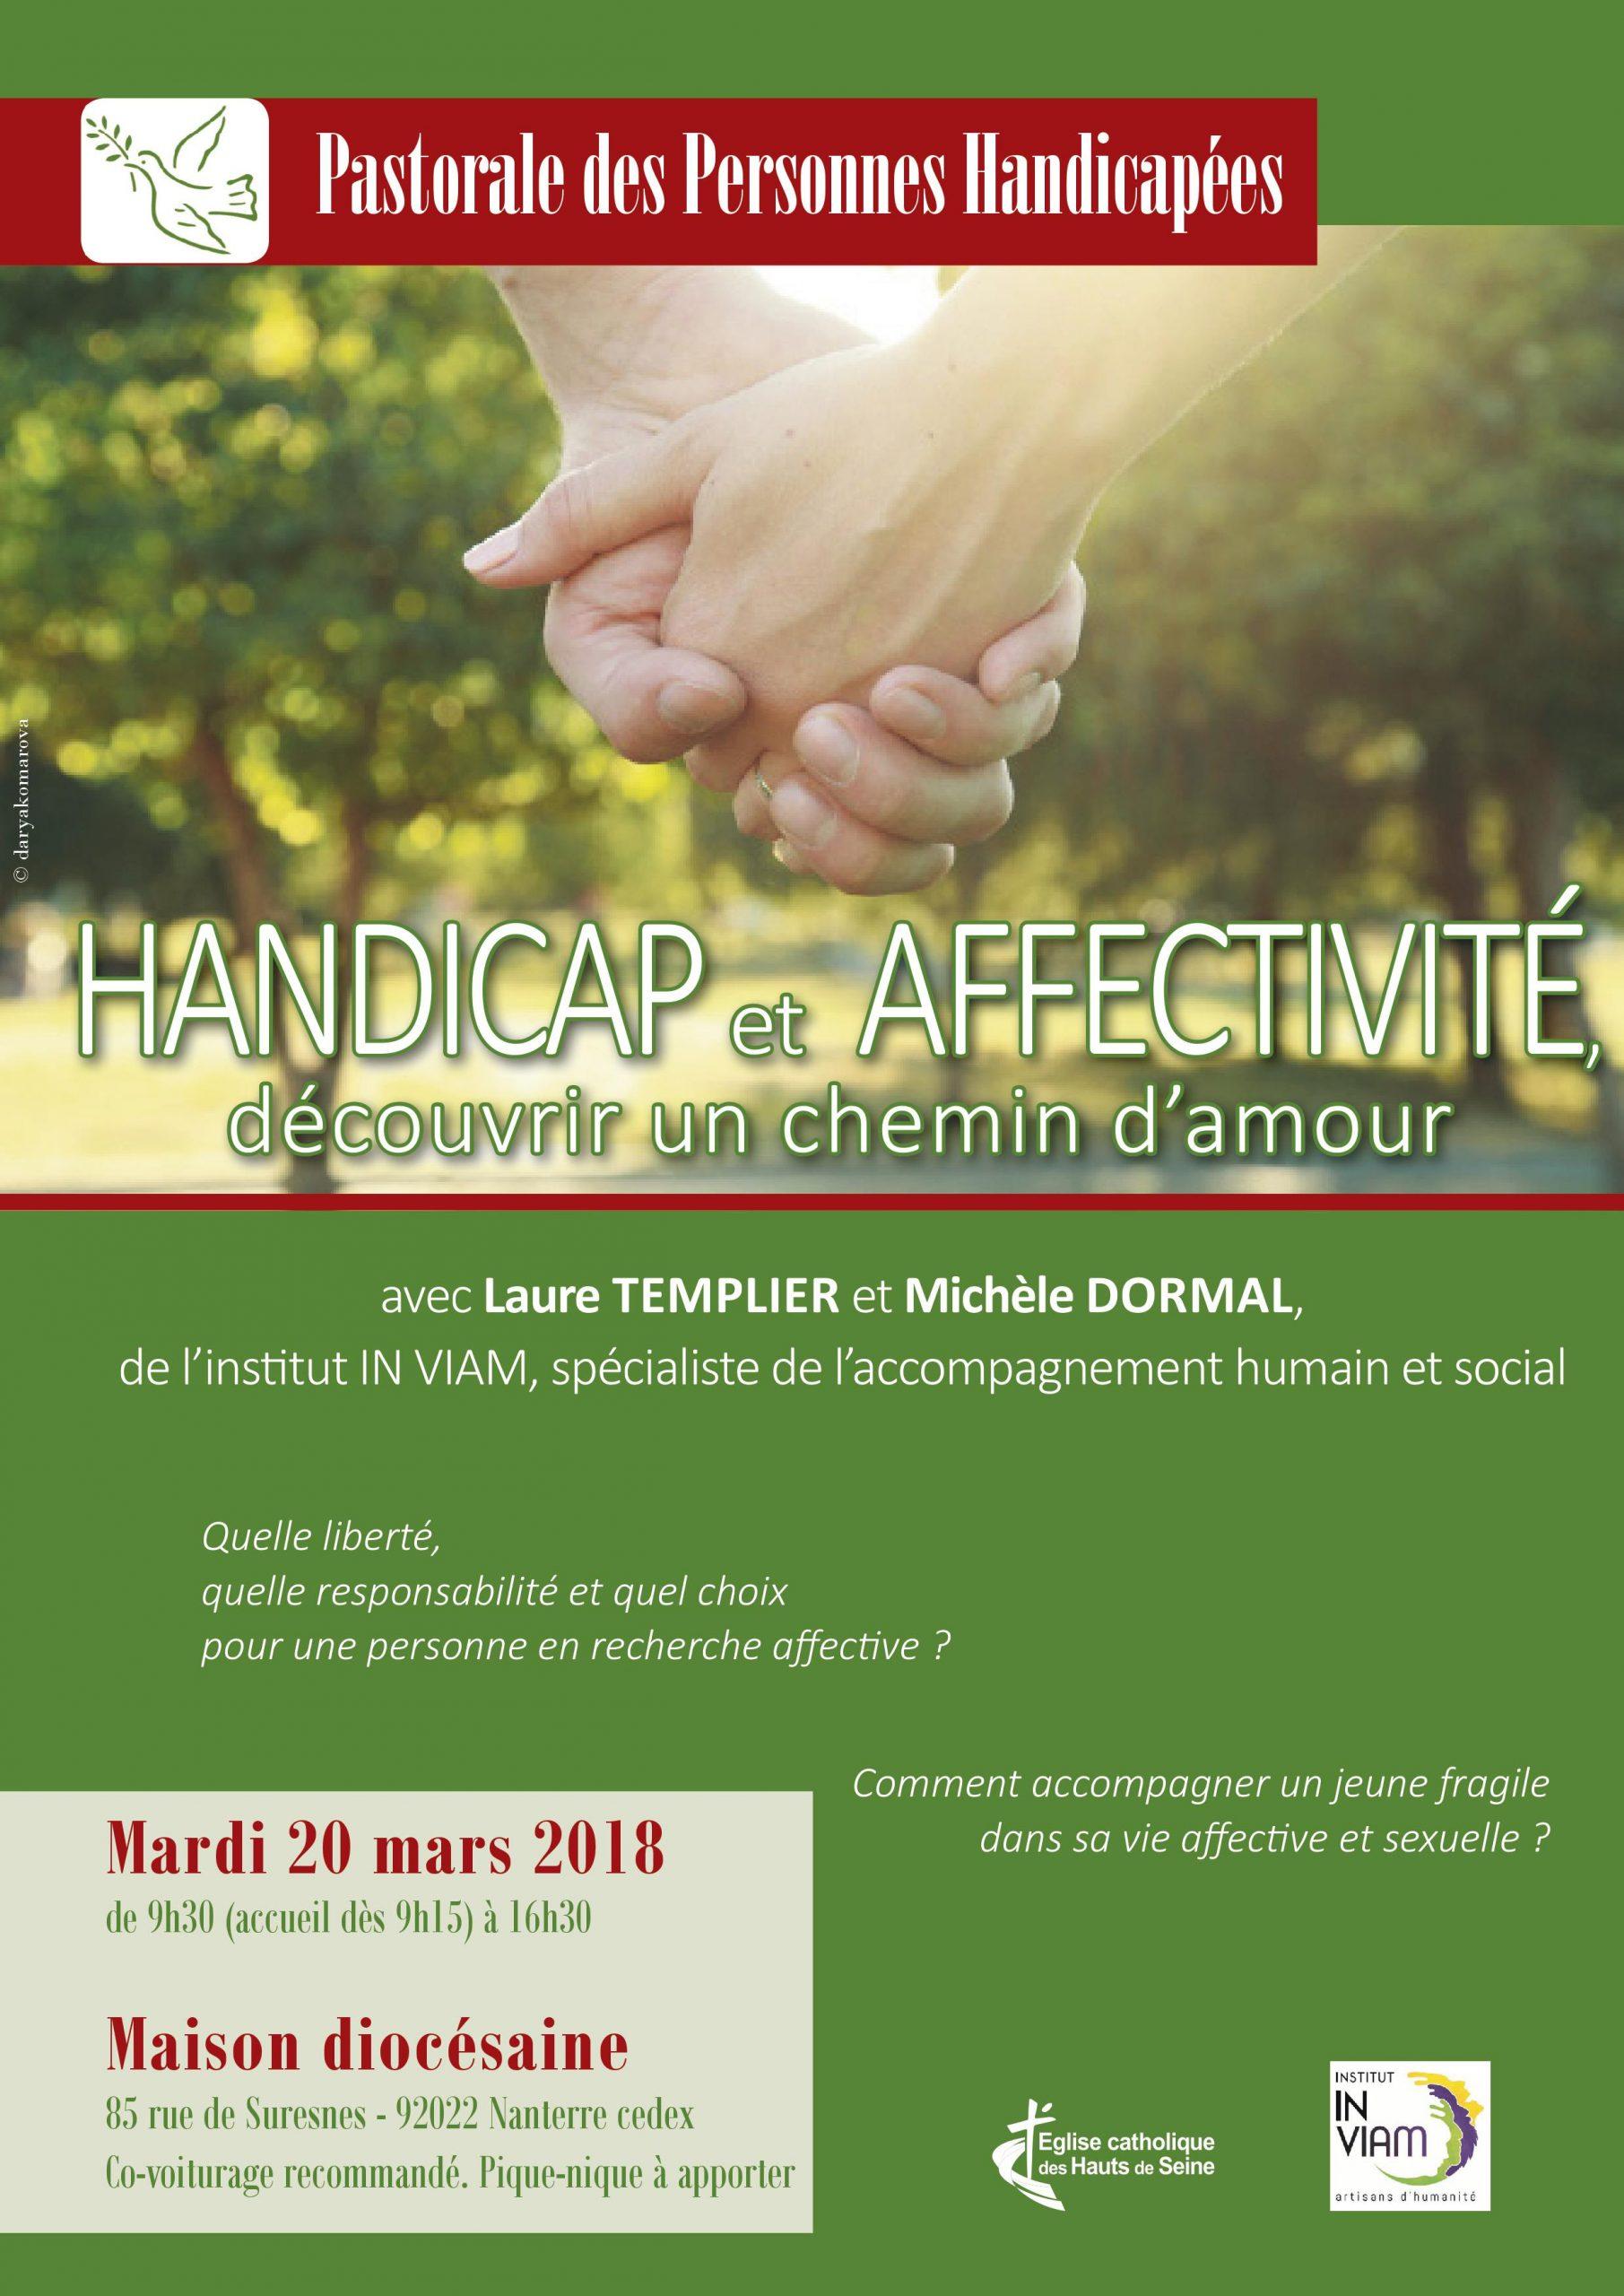 Handicap et affectivité – découvrir un chemin d'amour, le 20 mars à Nanterre (92)